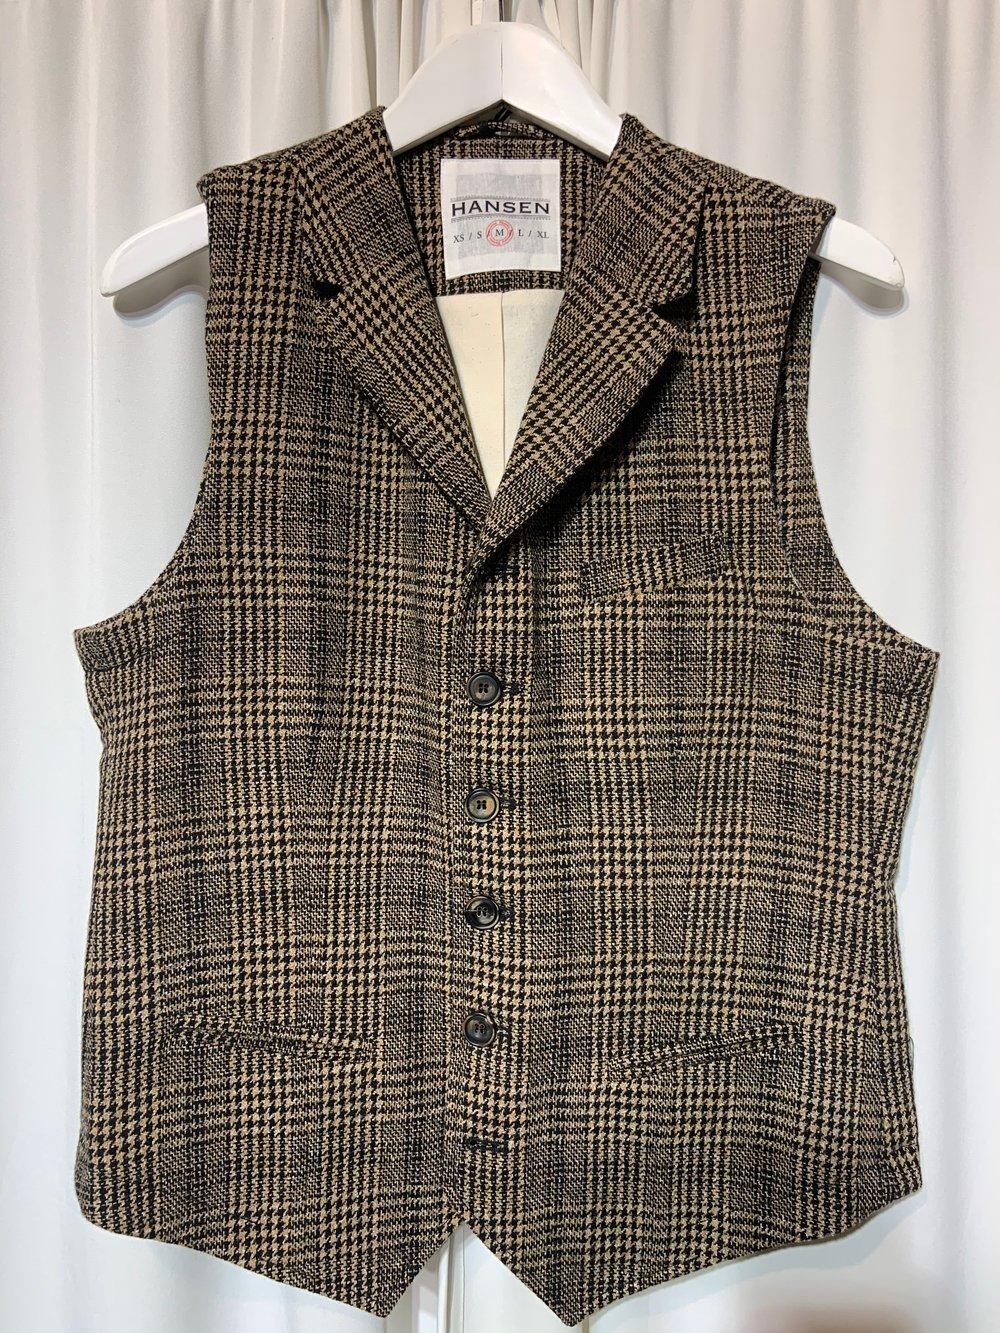 Hansen Garments Waistcoat William